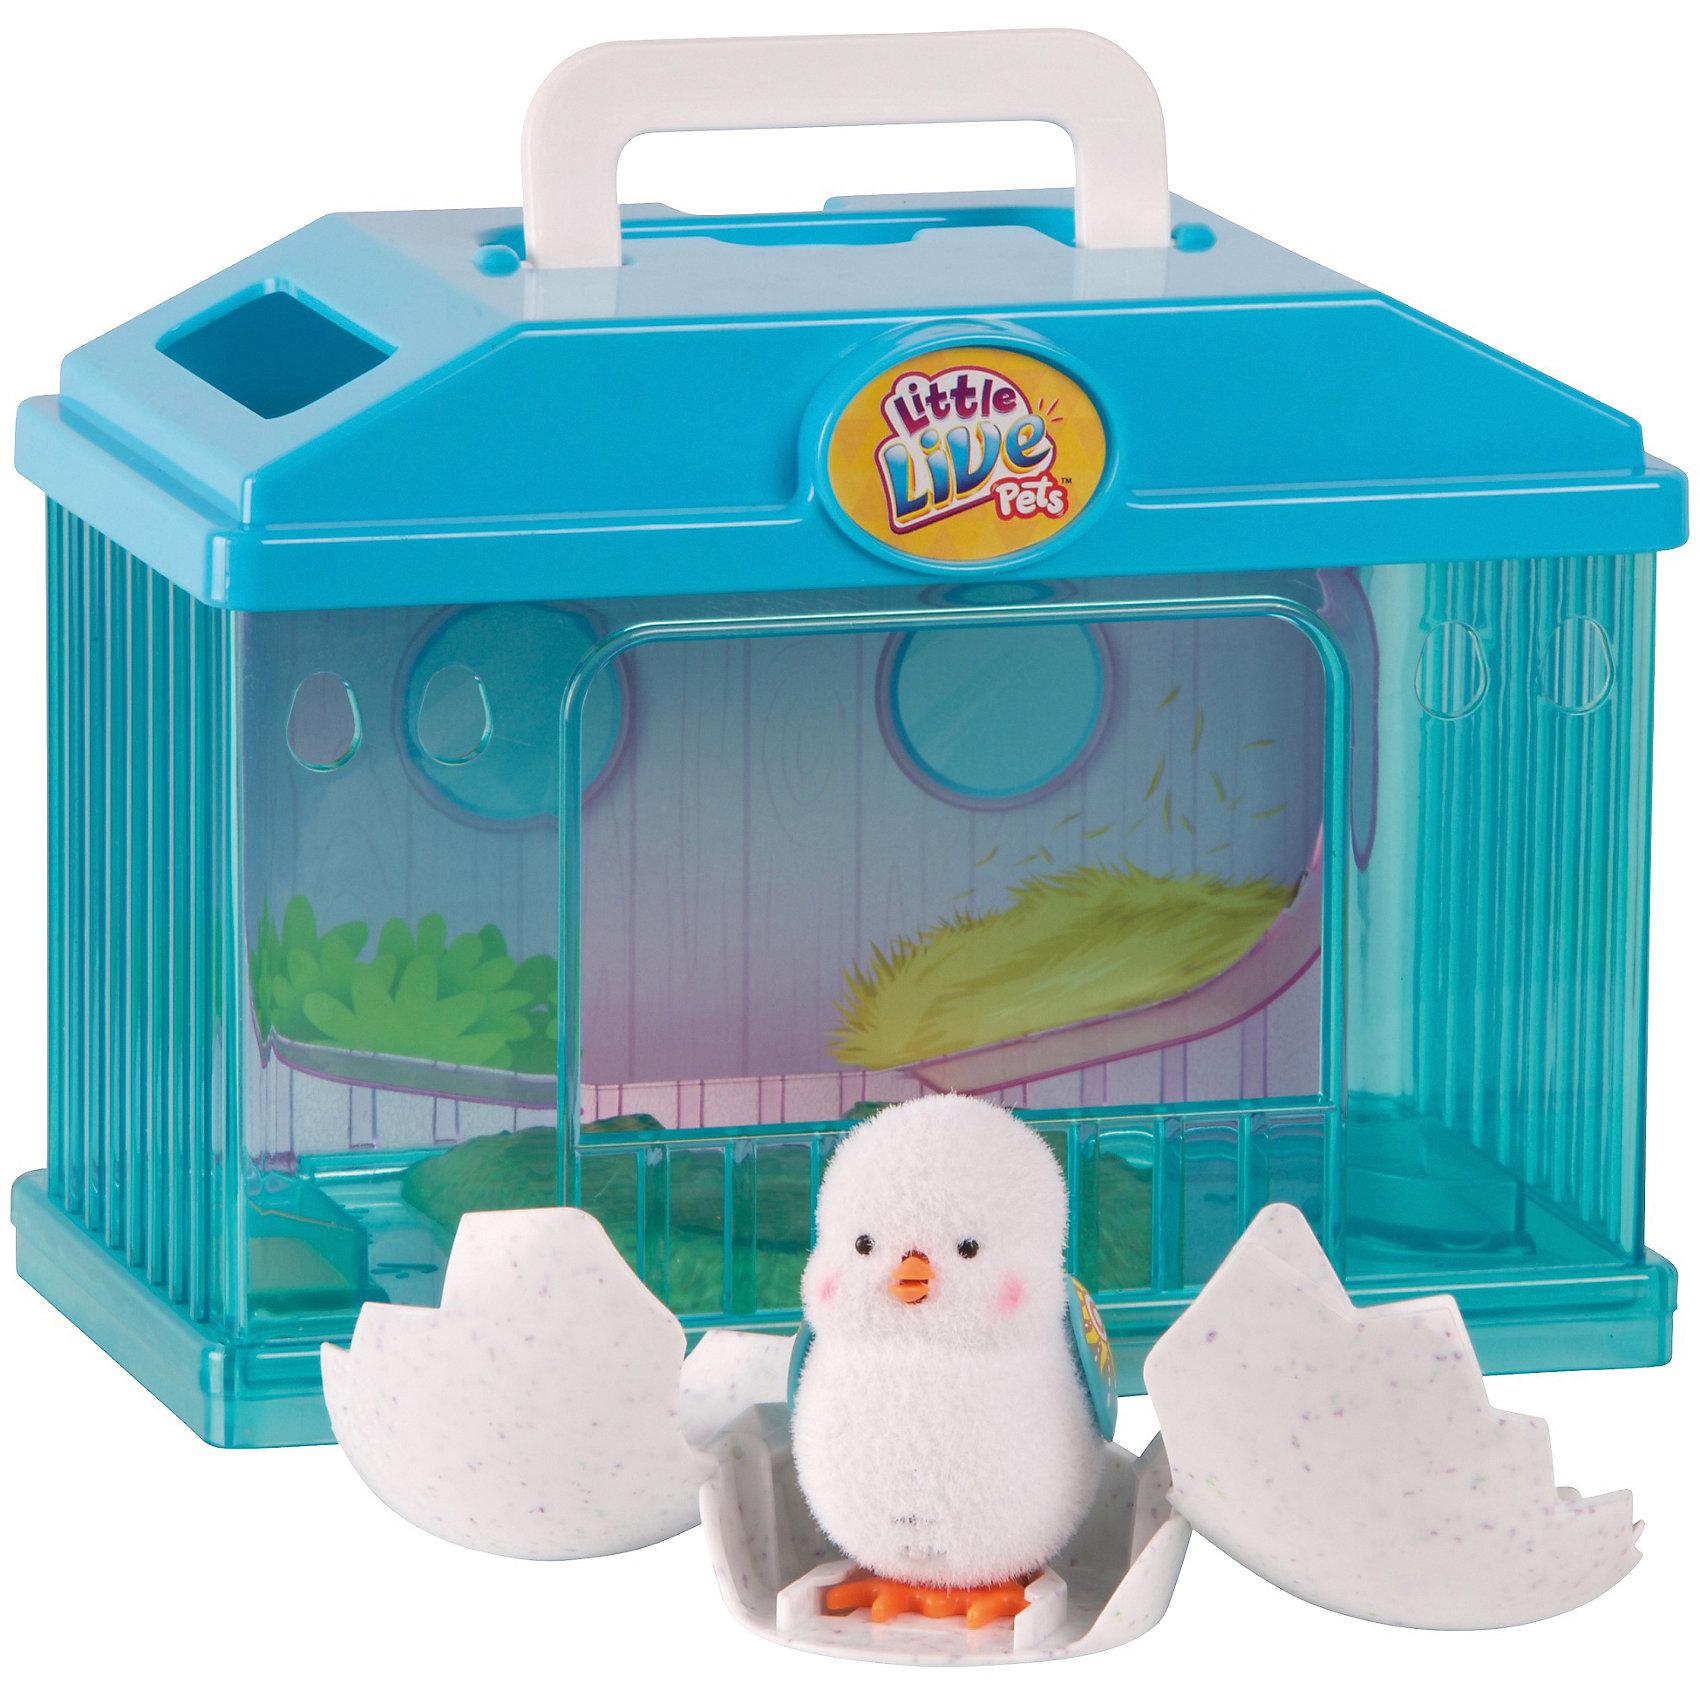 Интерактивная игрушка Moose Little Live Pets Цыпленок в яйце с домикомИнтерактивные животные<br><br><br>Ширина мм: 235<br>Глубина мм: 135<br>Высота мм: 290<br>Вес г: 750<br>Возраст от месяцев: 60<br>Возраст до месяцев: 120<br>Пол: Унисекс<br>Возраст: Детский<br>SKU: 7162559